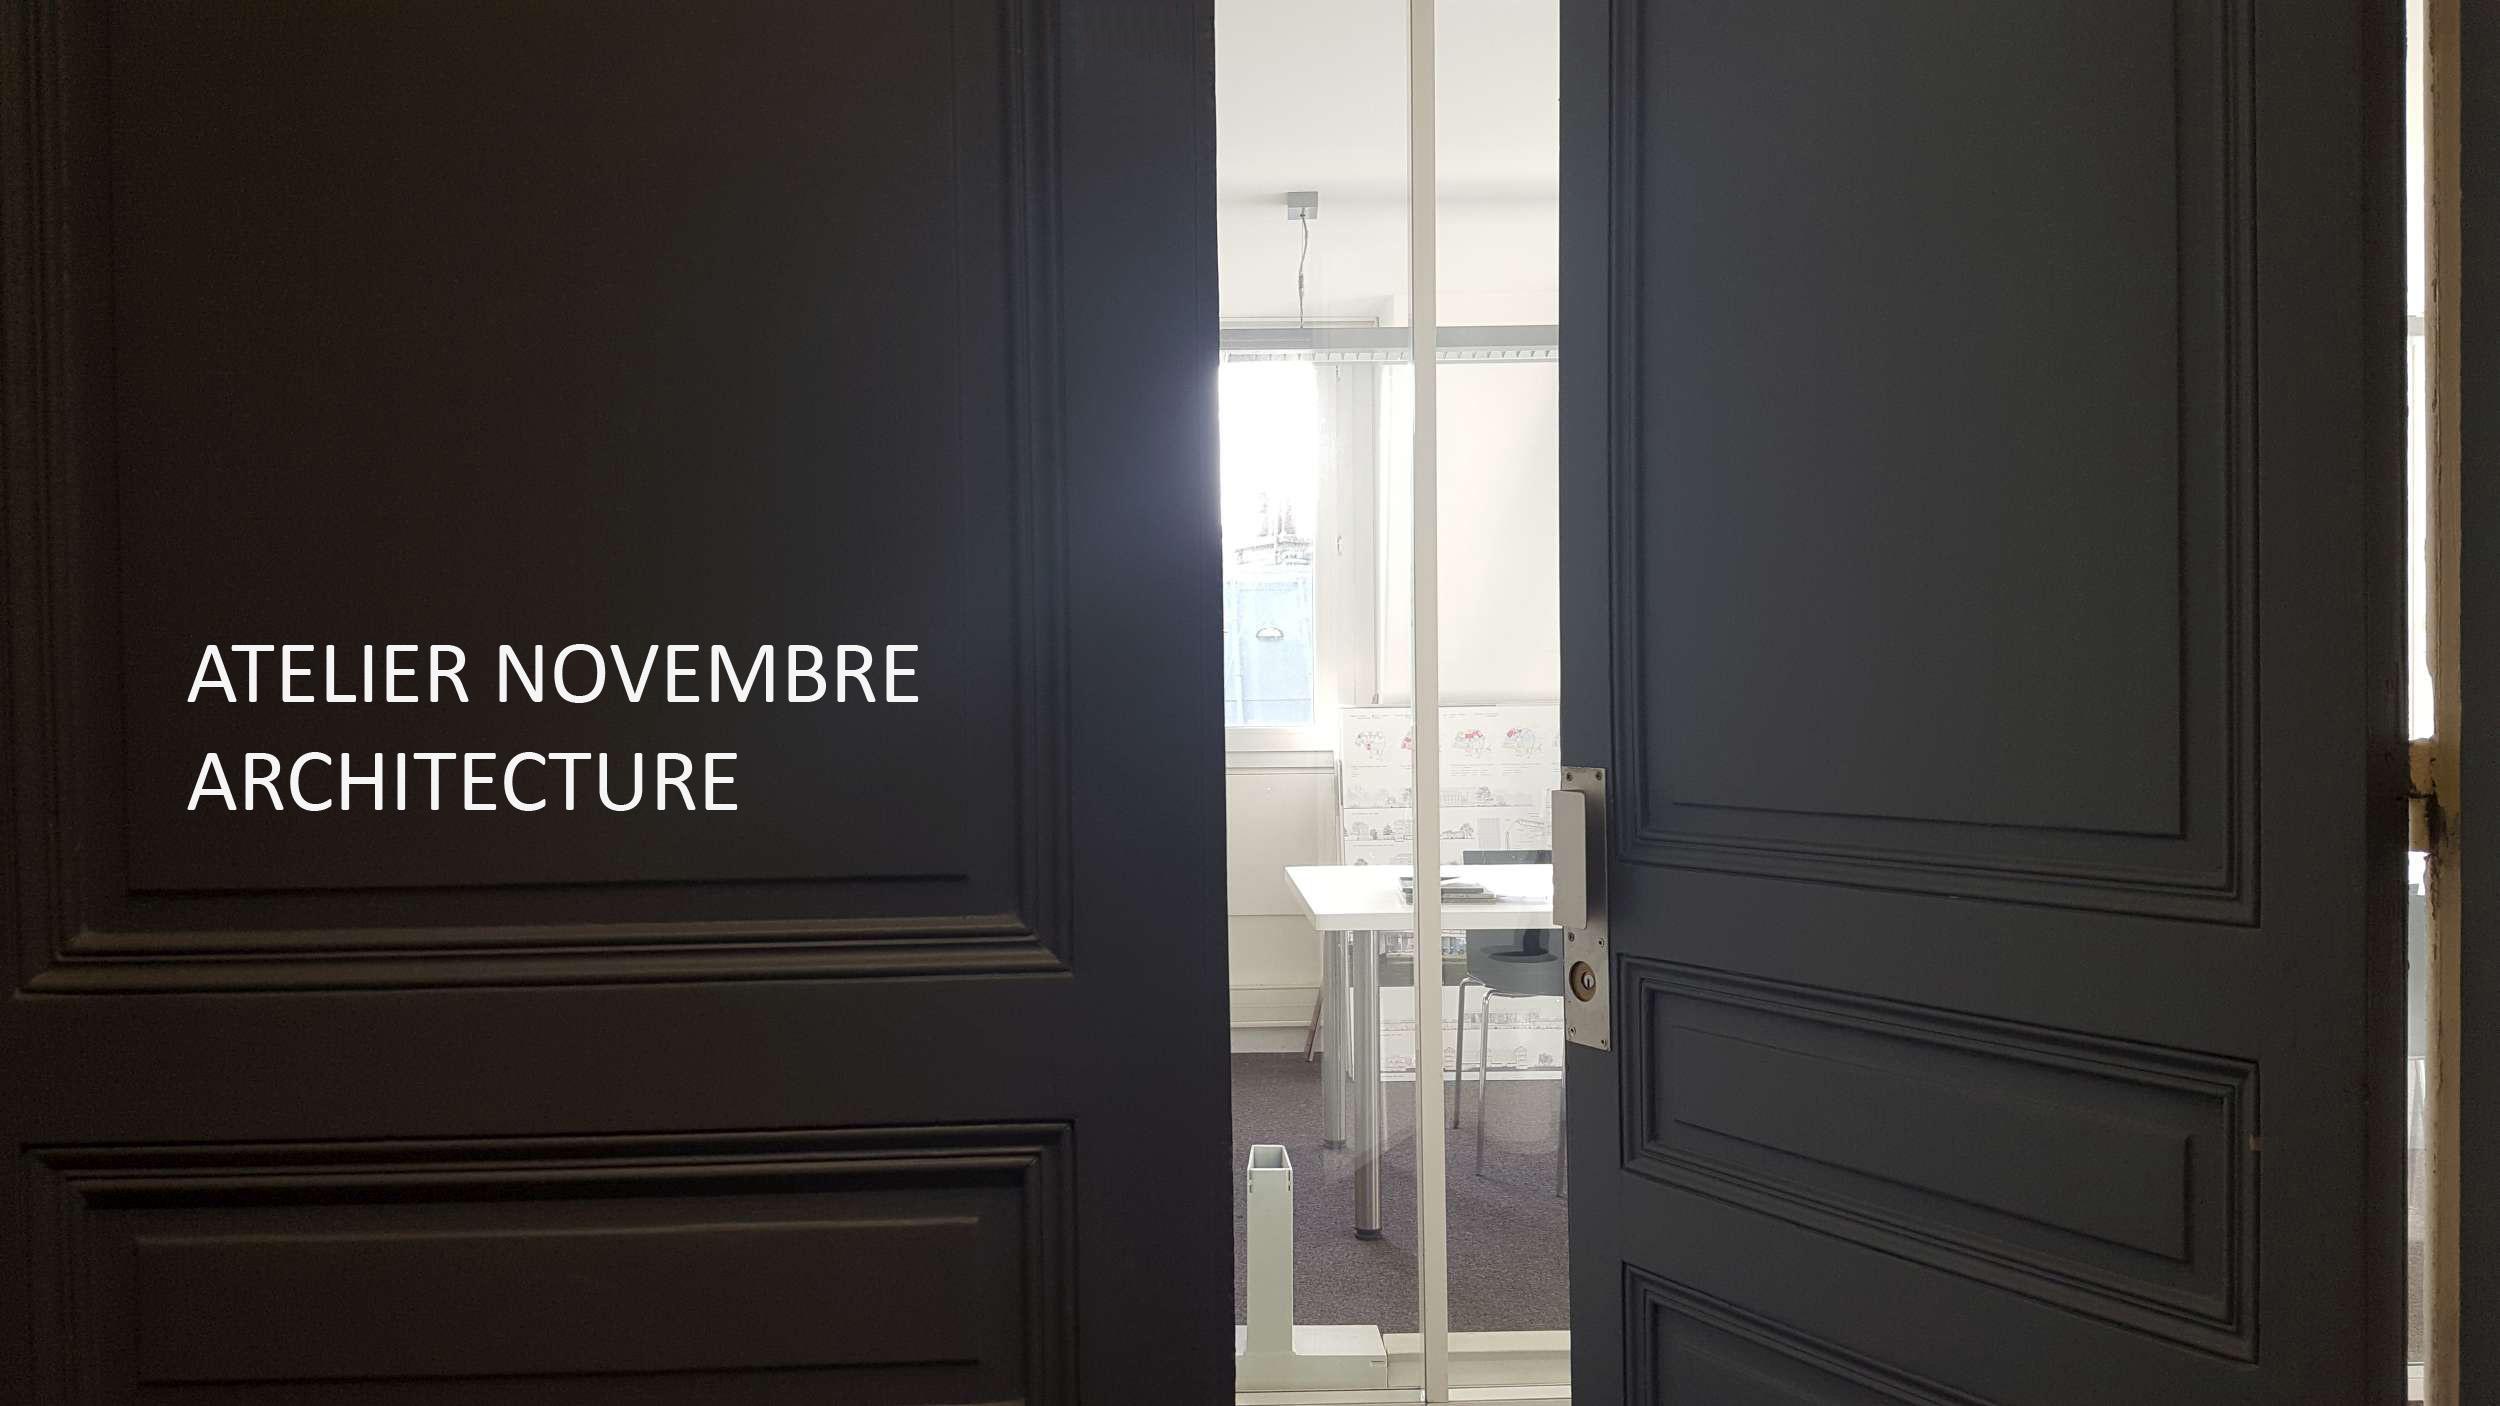 atelier novembre  u2013 architecture